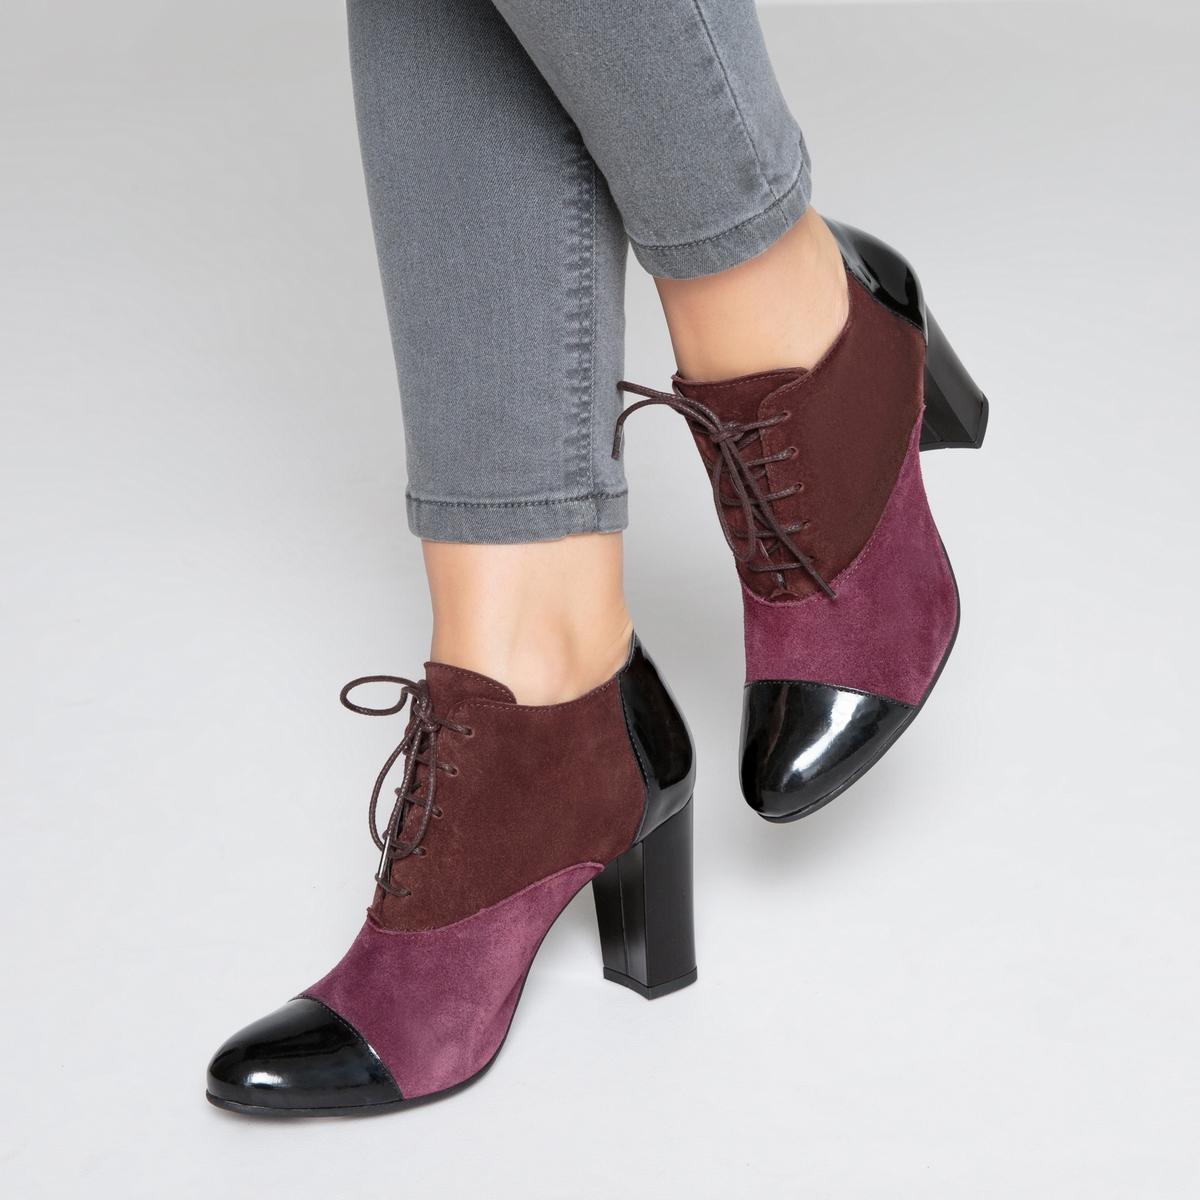 Ботинки-дерби трехцветные кожаные на высоком каблуке цены онлайн